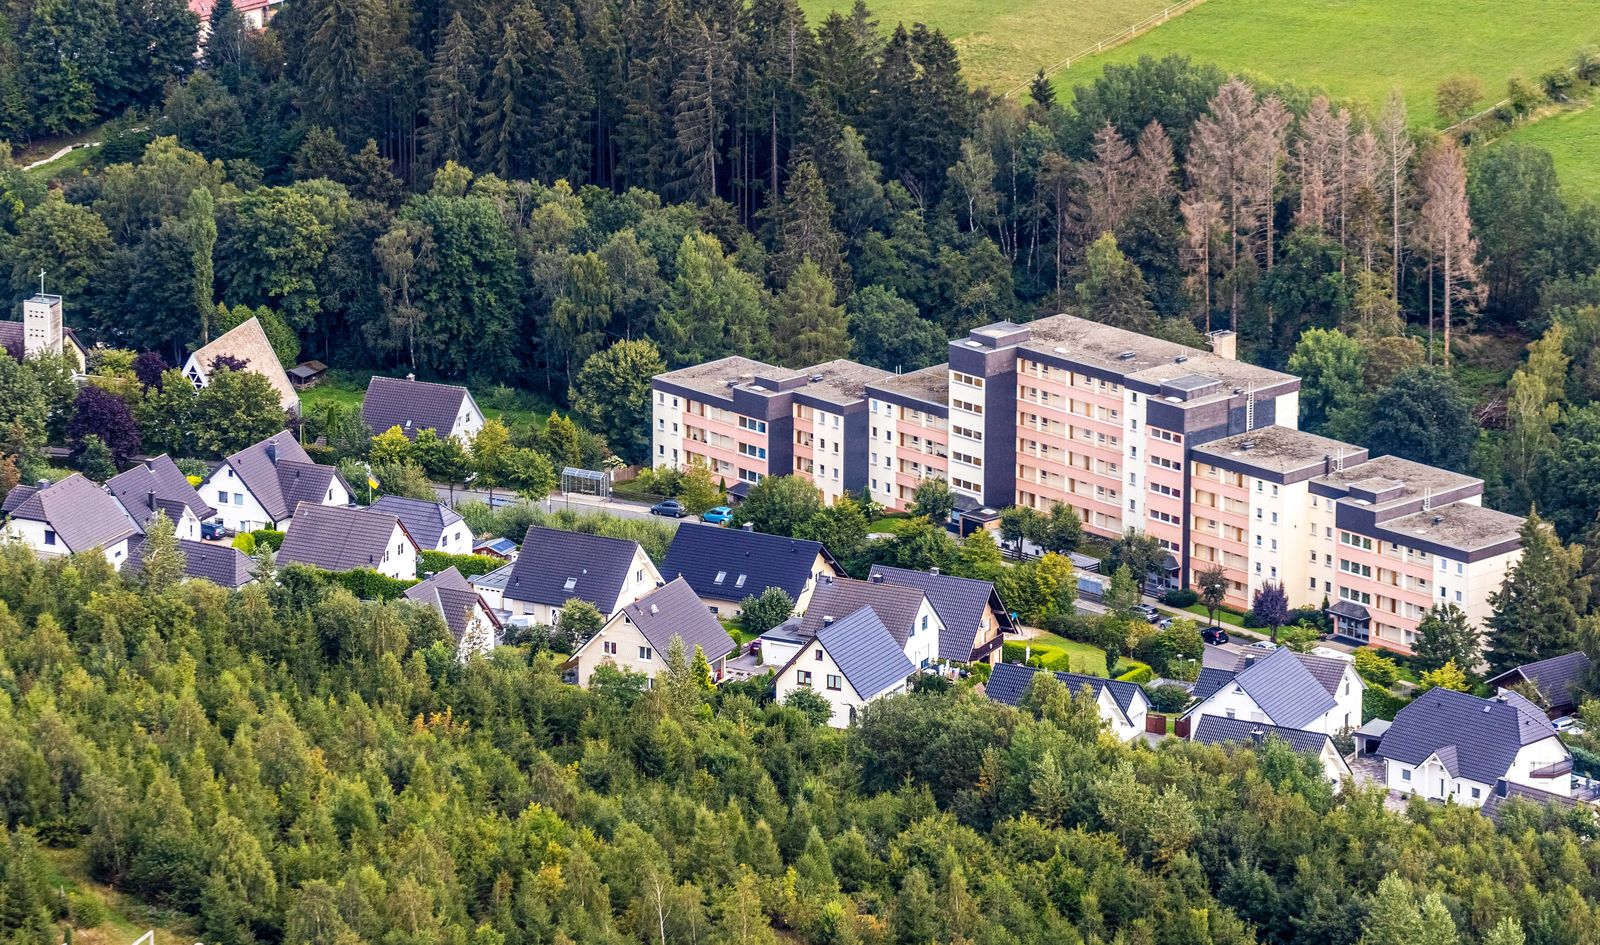 Luftbild, Comfort-Apartments, R¸bezahlweg, Einfamilienh‰user, Brilon, Sauerland, Nordrhein-Westfalen, Deutschland !ACHTU